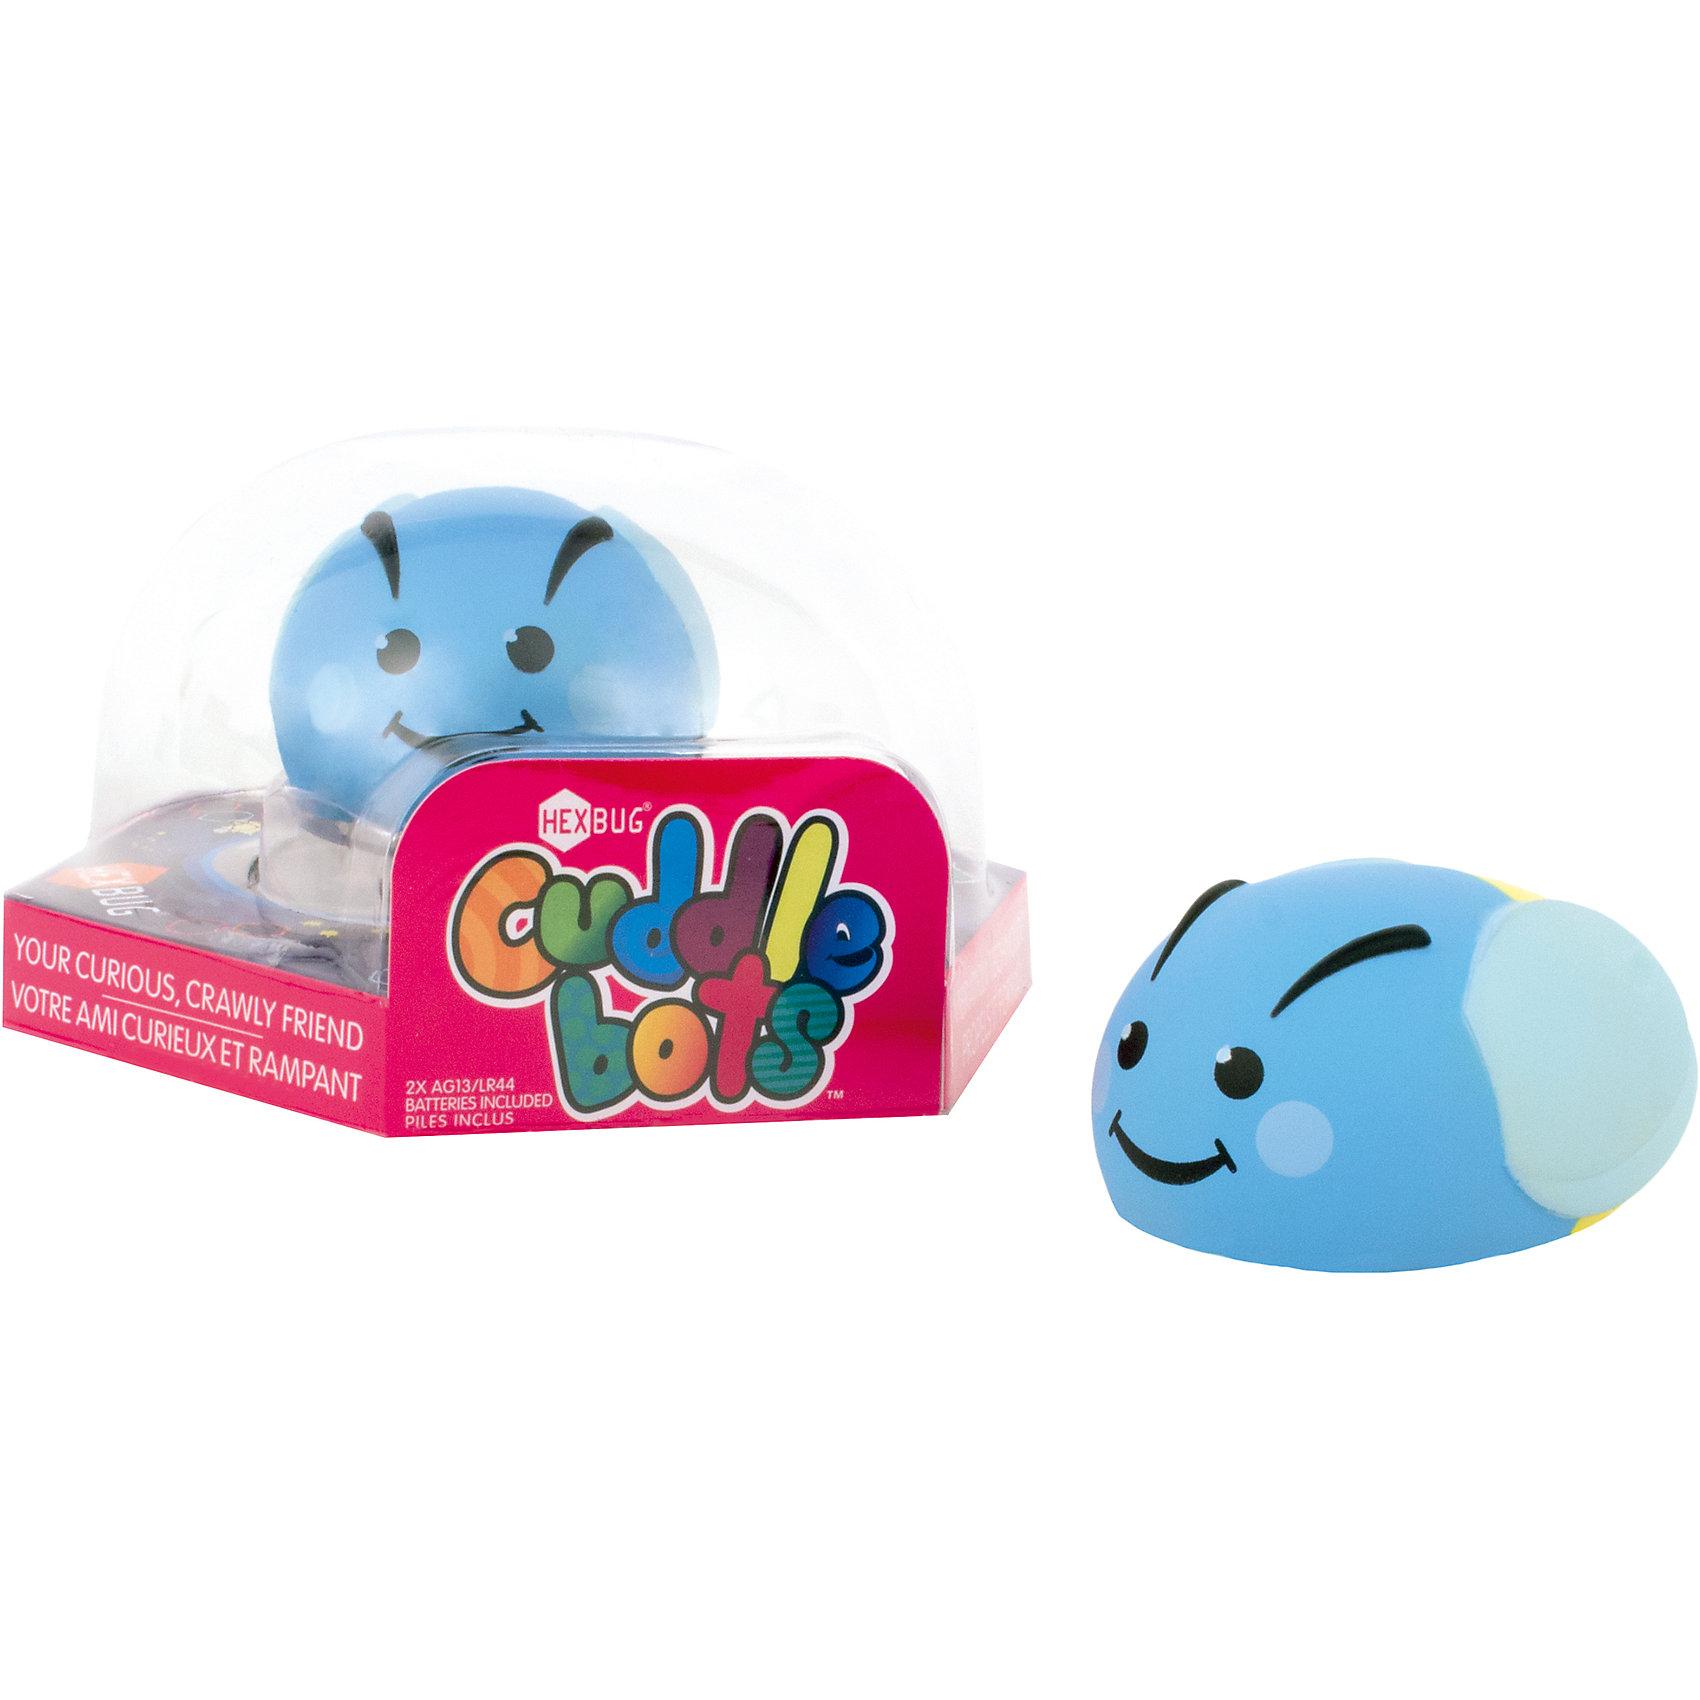 Микро-робот CuddleBot, голубой, HexbugПрочие интерактивные игрушки<br>Микро-робот CuddleBot, голубой, Hexbug (Хексбаг)<br><br>Характеристики:<br><br>• мягкий и приятный<br>• безопасен для ребенка<br>• материал: пластик<br>• размер упаковки: 14х14х7 см<br>• вес: 60 грамм<br><br>CuddleBot - забавный микроробот от Hexbug. Он очень милый, веселый и приятный на ощупь. Игрушка полностью безопасна даже для малышей, поэтому вы смело можете доверить ей развлечения ребенка. <br><br>Микро-робота CuddleBot, голубой, Hexbug (Хексбаг) можно купить в нашем интернет-магазине.<br><br>Ширина мм: 70<br>Глубина мм: 110<br>Высота мм: 120<br>Вес г: 63<br>Возраст от месяцев: 36<br>Возраст до месяцев: 2147483647<br>Пол: Унисекс<br>Возраст: Детский<br>SKU: 5507214